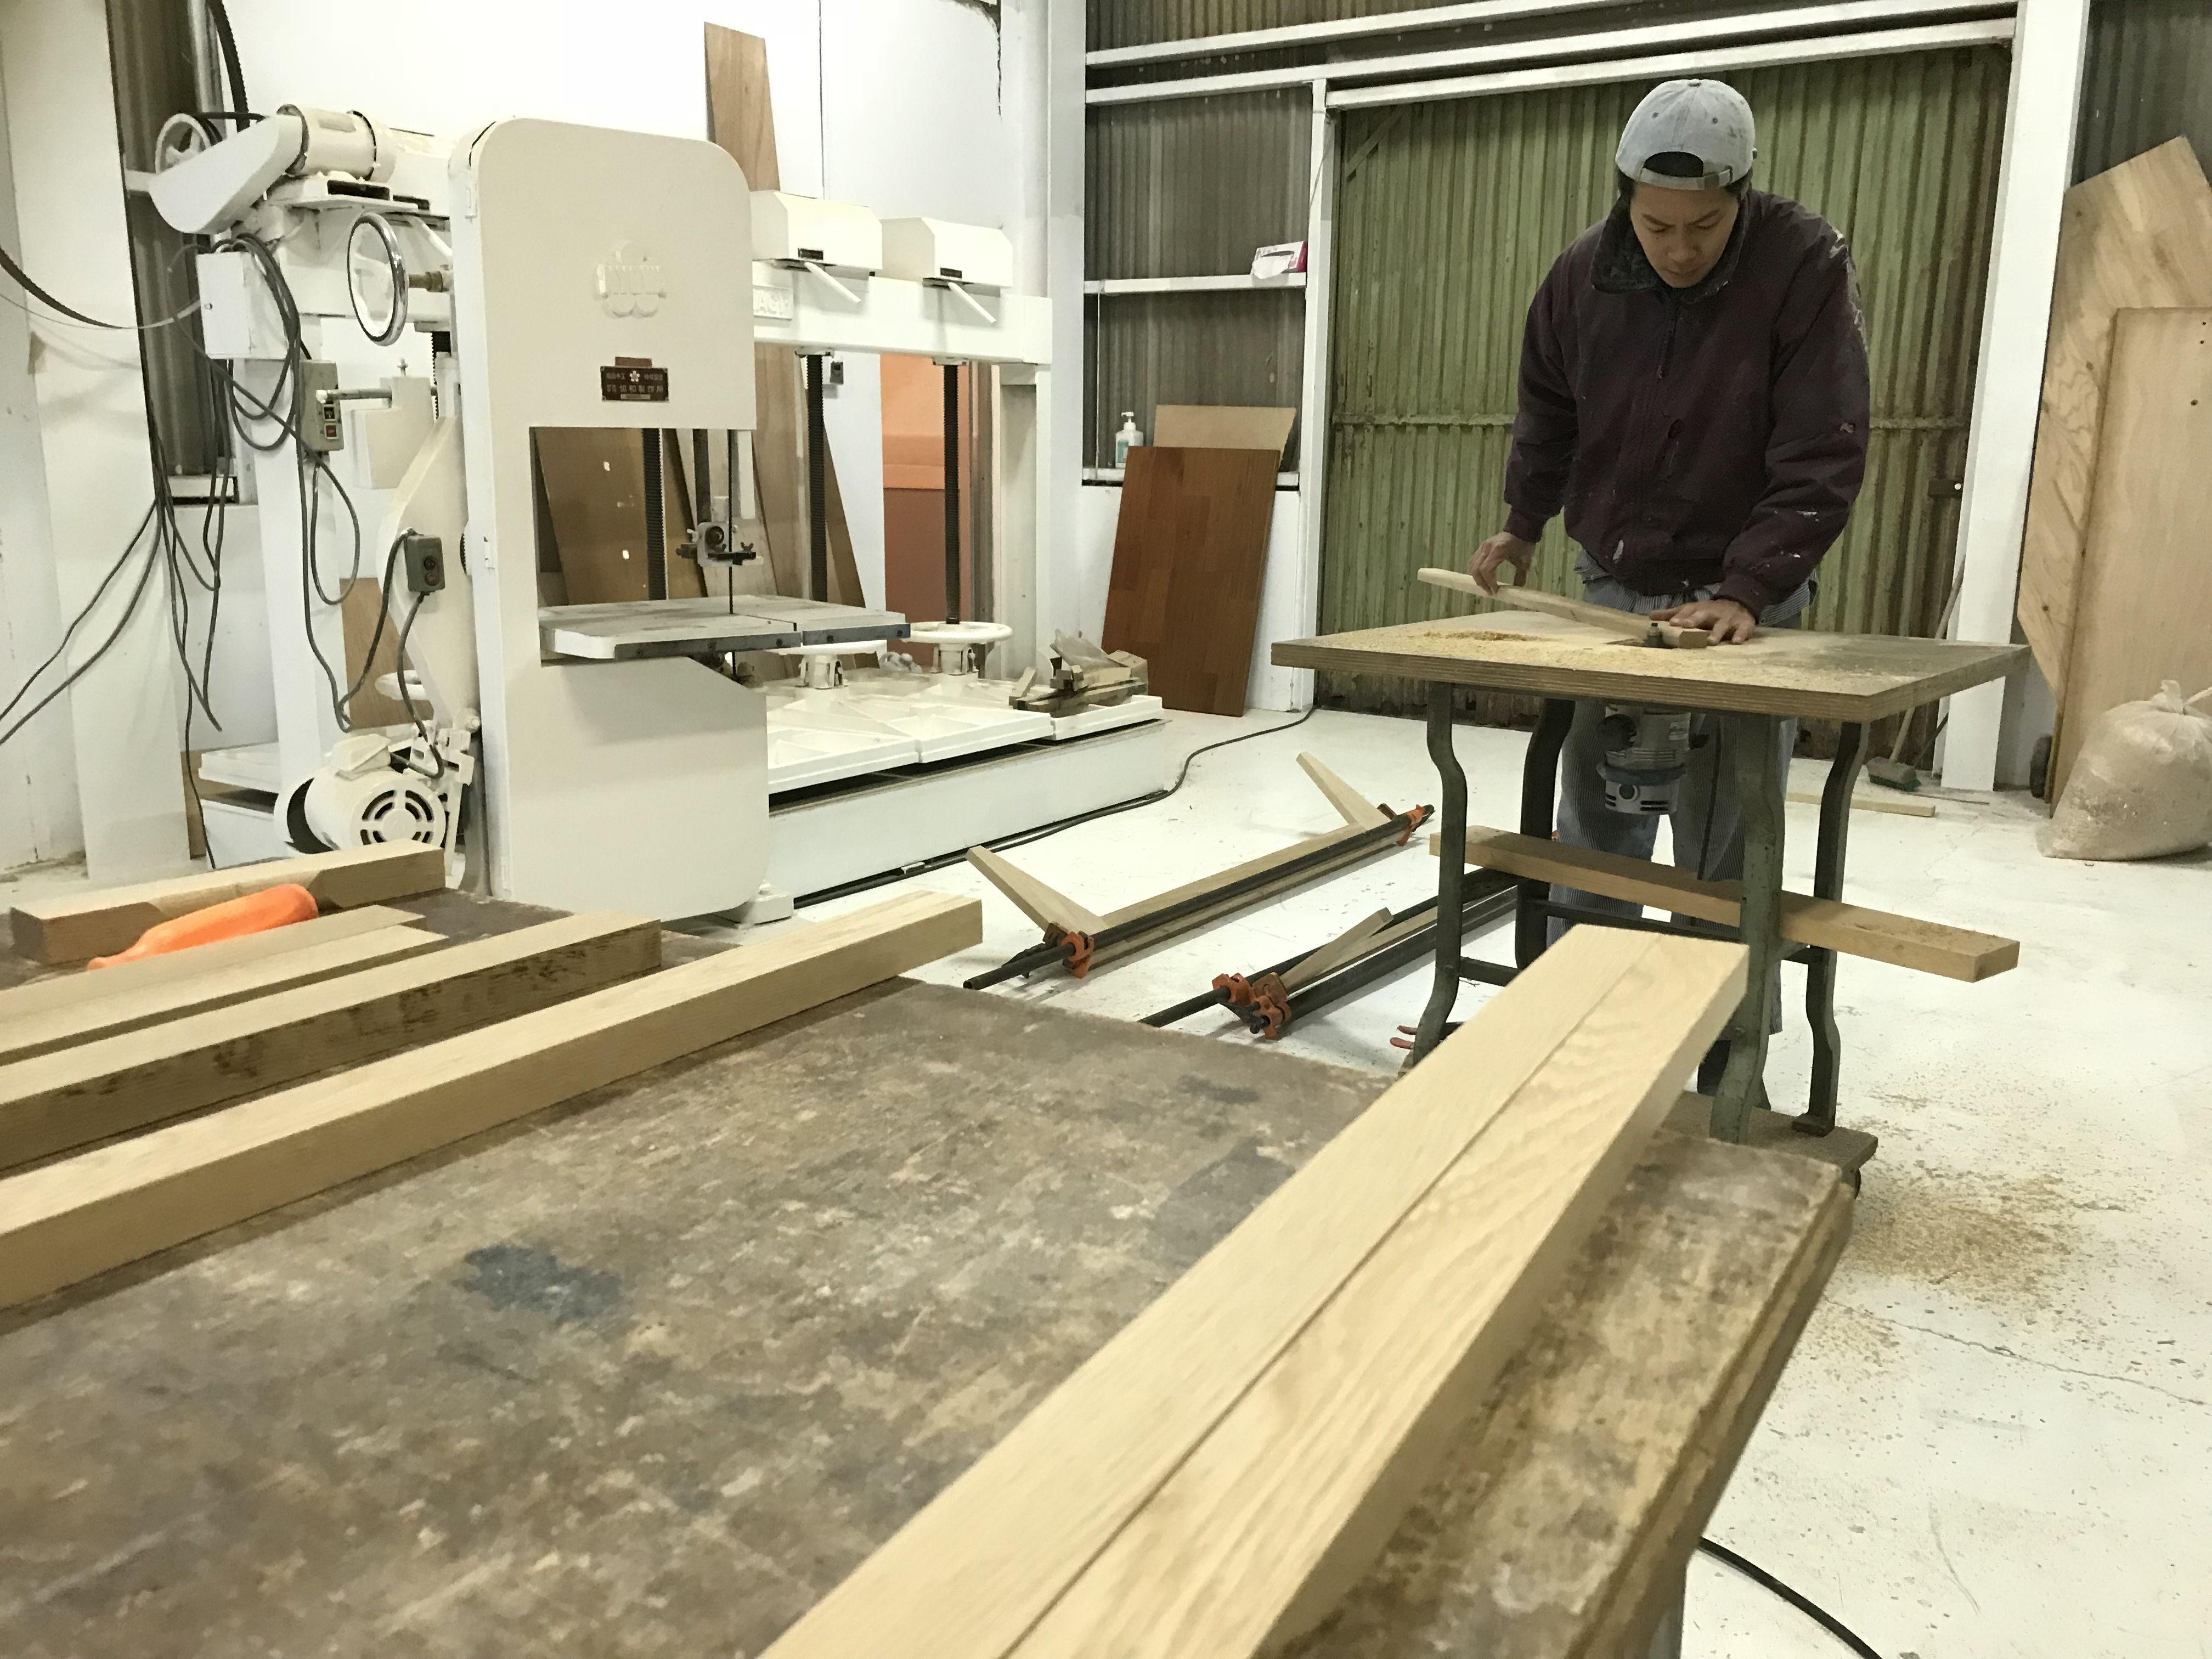 淡路島工房での家具製作風景